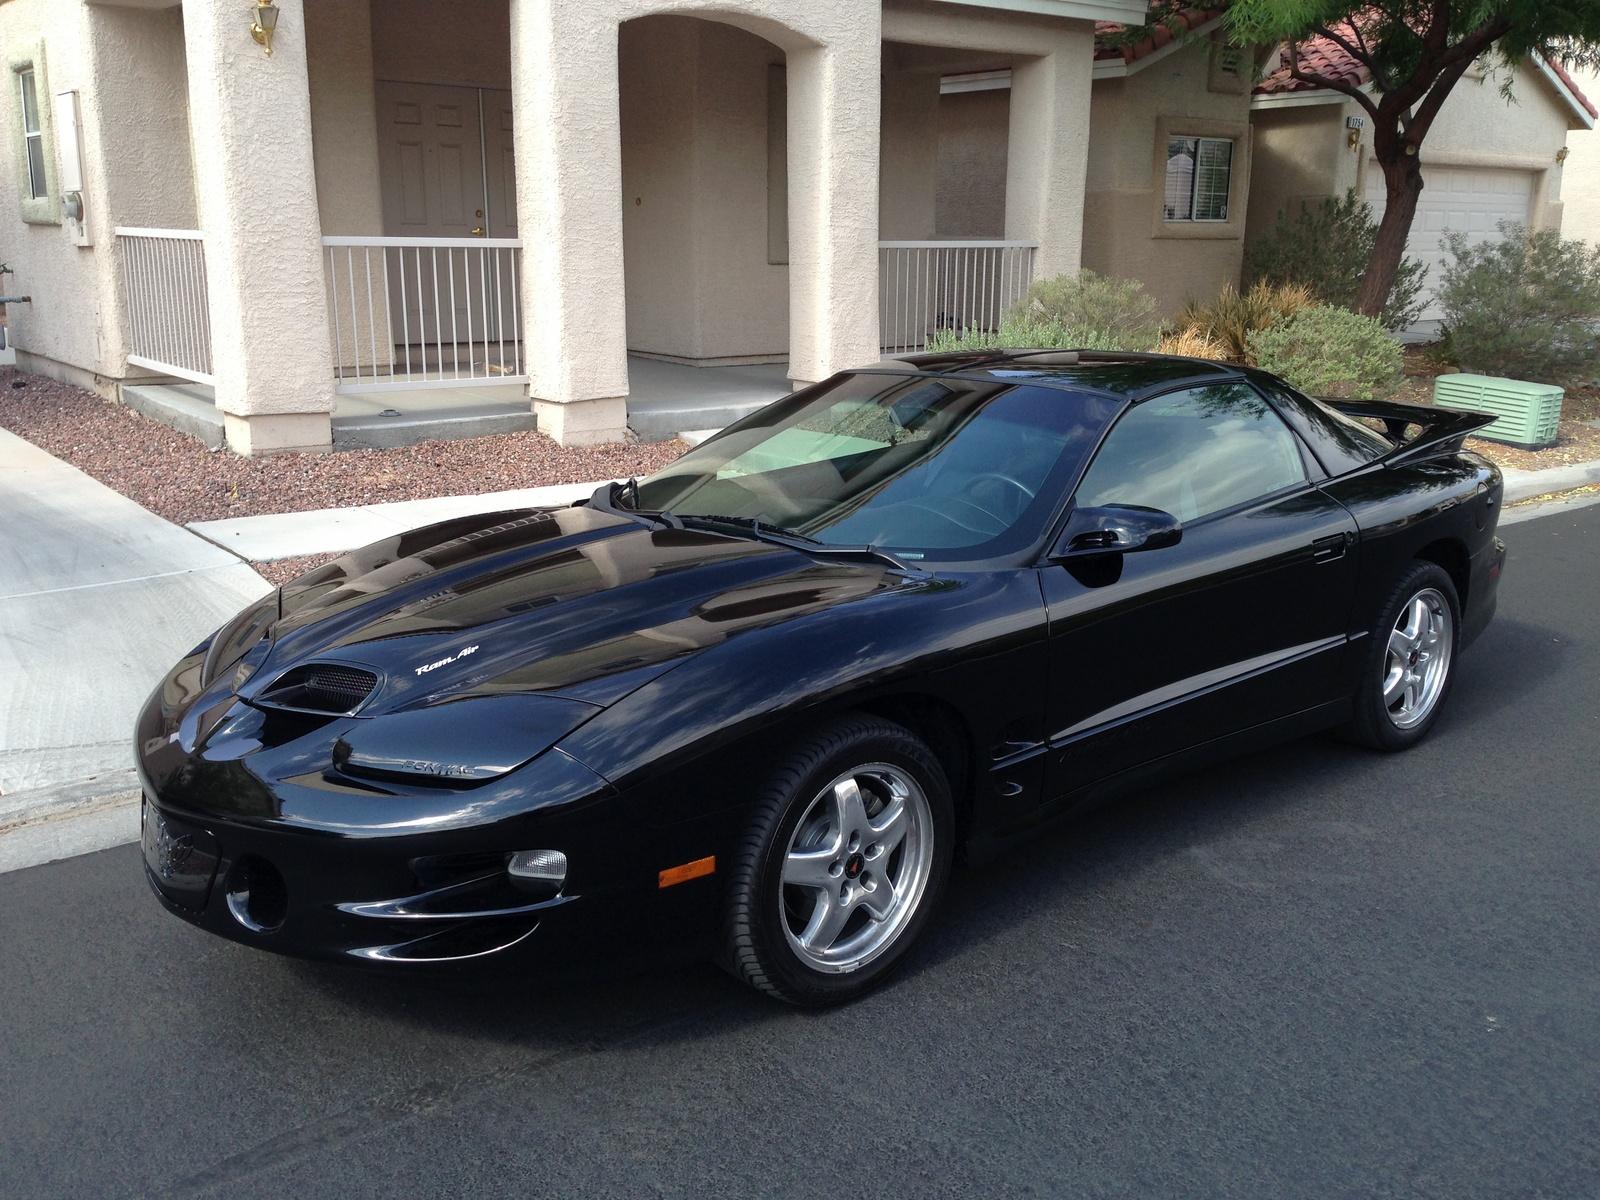 2002 Pontiac Firebird Pictures Cargurus